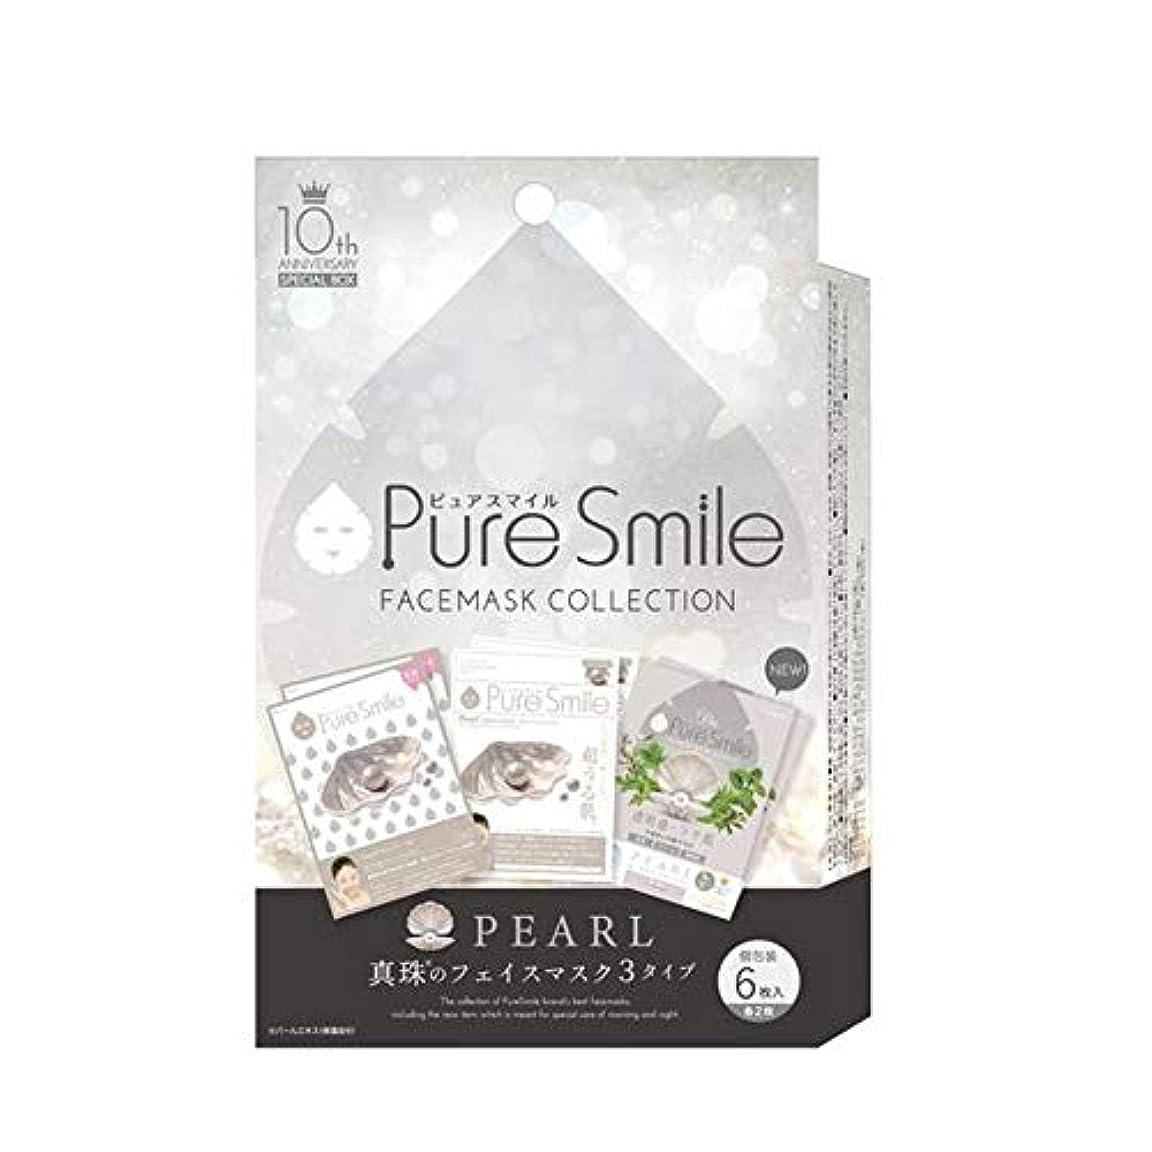 雄弁な同等の後者ピュア スマイル Pure Smile 10thアニバーサリー スペシャルボックス 真珠 6枚入り